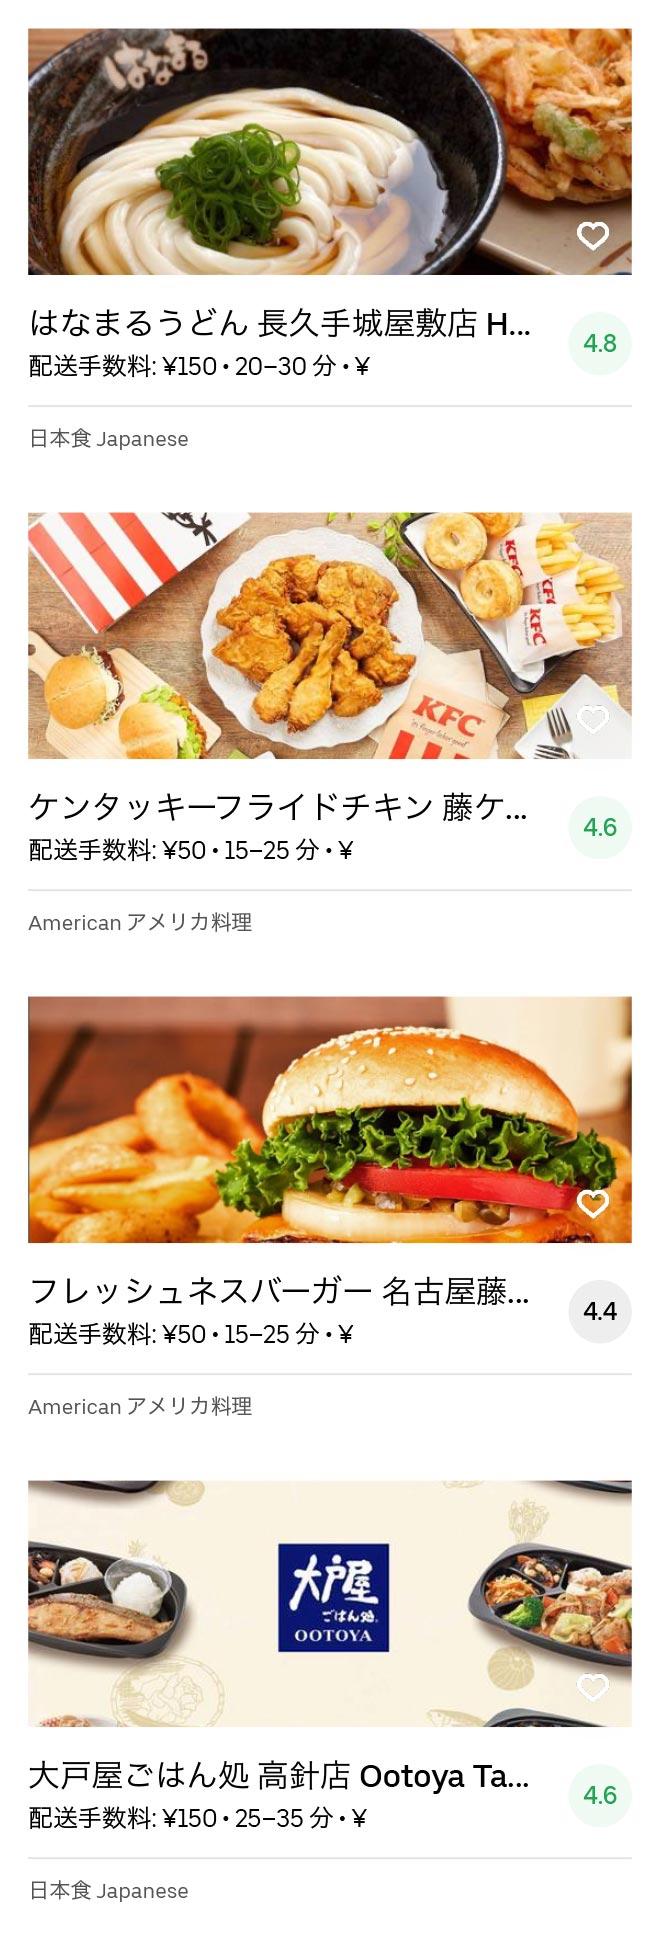 Nagoya fujigaoka menu 2005 06